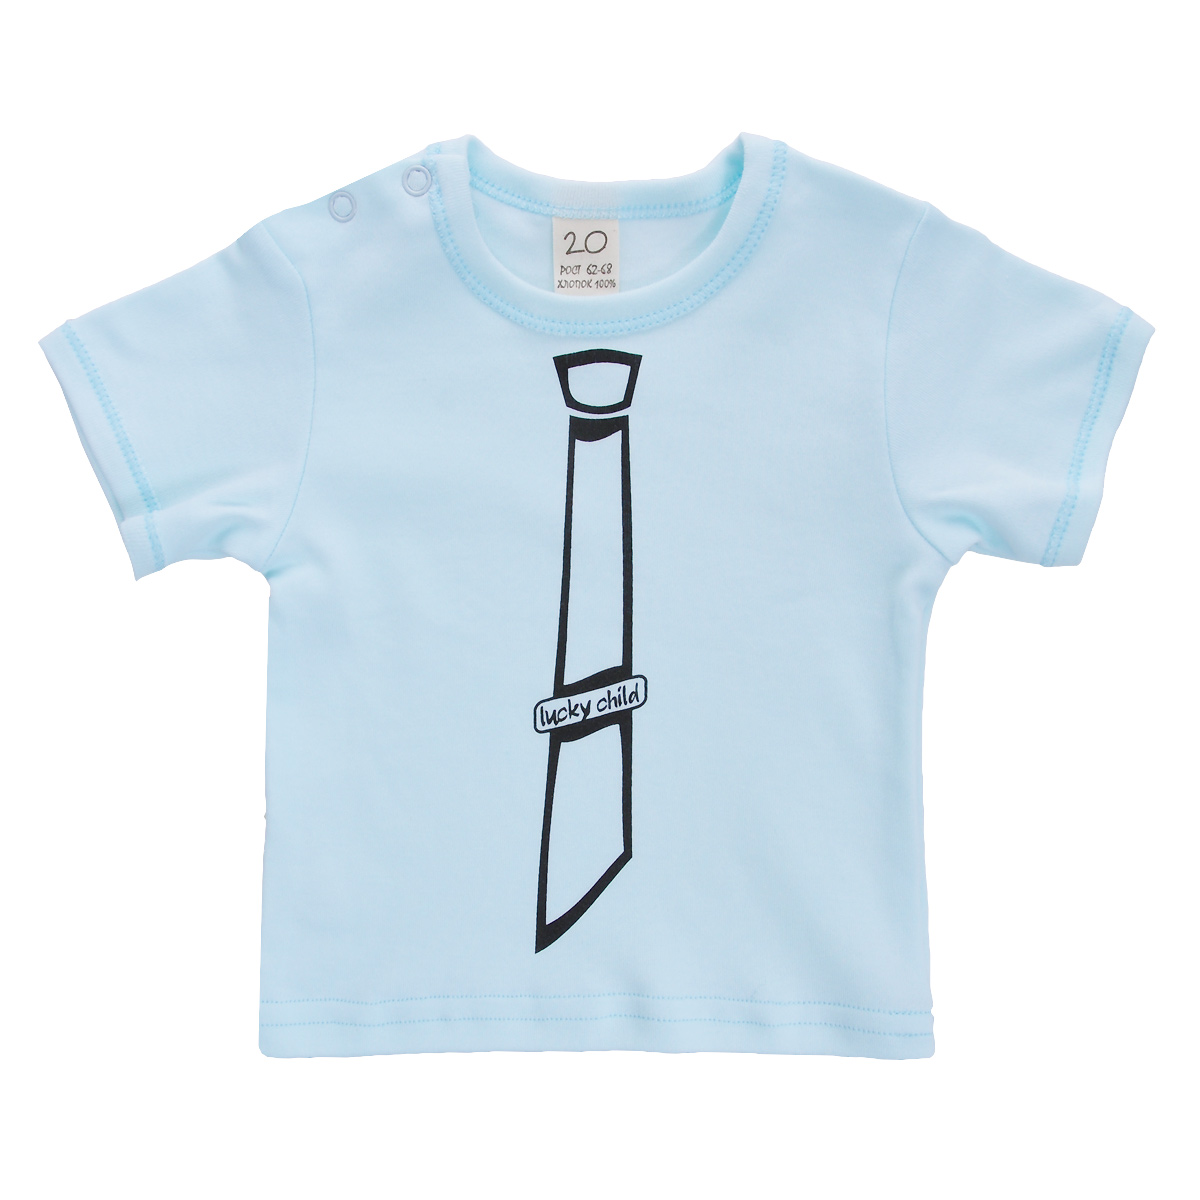 Футболка для мальчика Lucky Child, цвет: голубой. 3-26к. Размер 86/923-26кОчаровательная футболка для мальчика Lucky Child послужит идеальным дополнением к гардеробу вашего малыша, обеспечивая ему наибольший комфорт. Изготовленная из натурального хлопка, она необычайно мягкая и легкая, не раздражает нежную кожу ребенка и хорошо вентилируется, а эластичные швы приятны телу малыша и не препятствуют его движениям. Футболка с короткими рукавами и круглым врезом горловины имеет кнопки по плечу, которые позволяют без труда переодеть ребенка. На груди она оформлена оригинальным печатным рисунком в виде галстука. Футболка полностью соответствует особенностям жизни ребенка в ранний период, не стесняя и не ограничивая его в движениях.